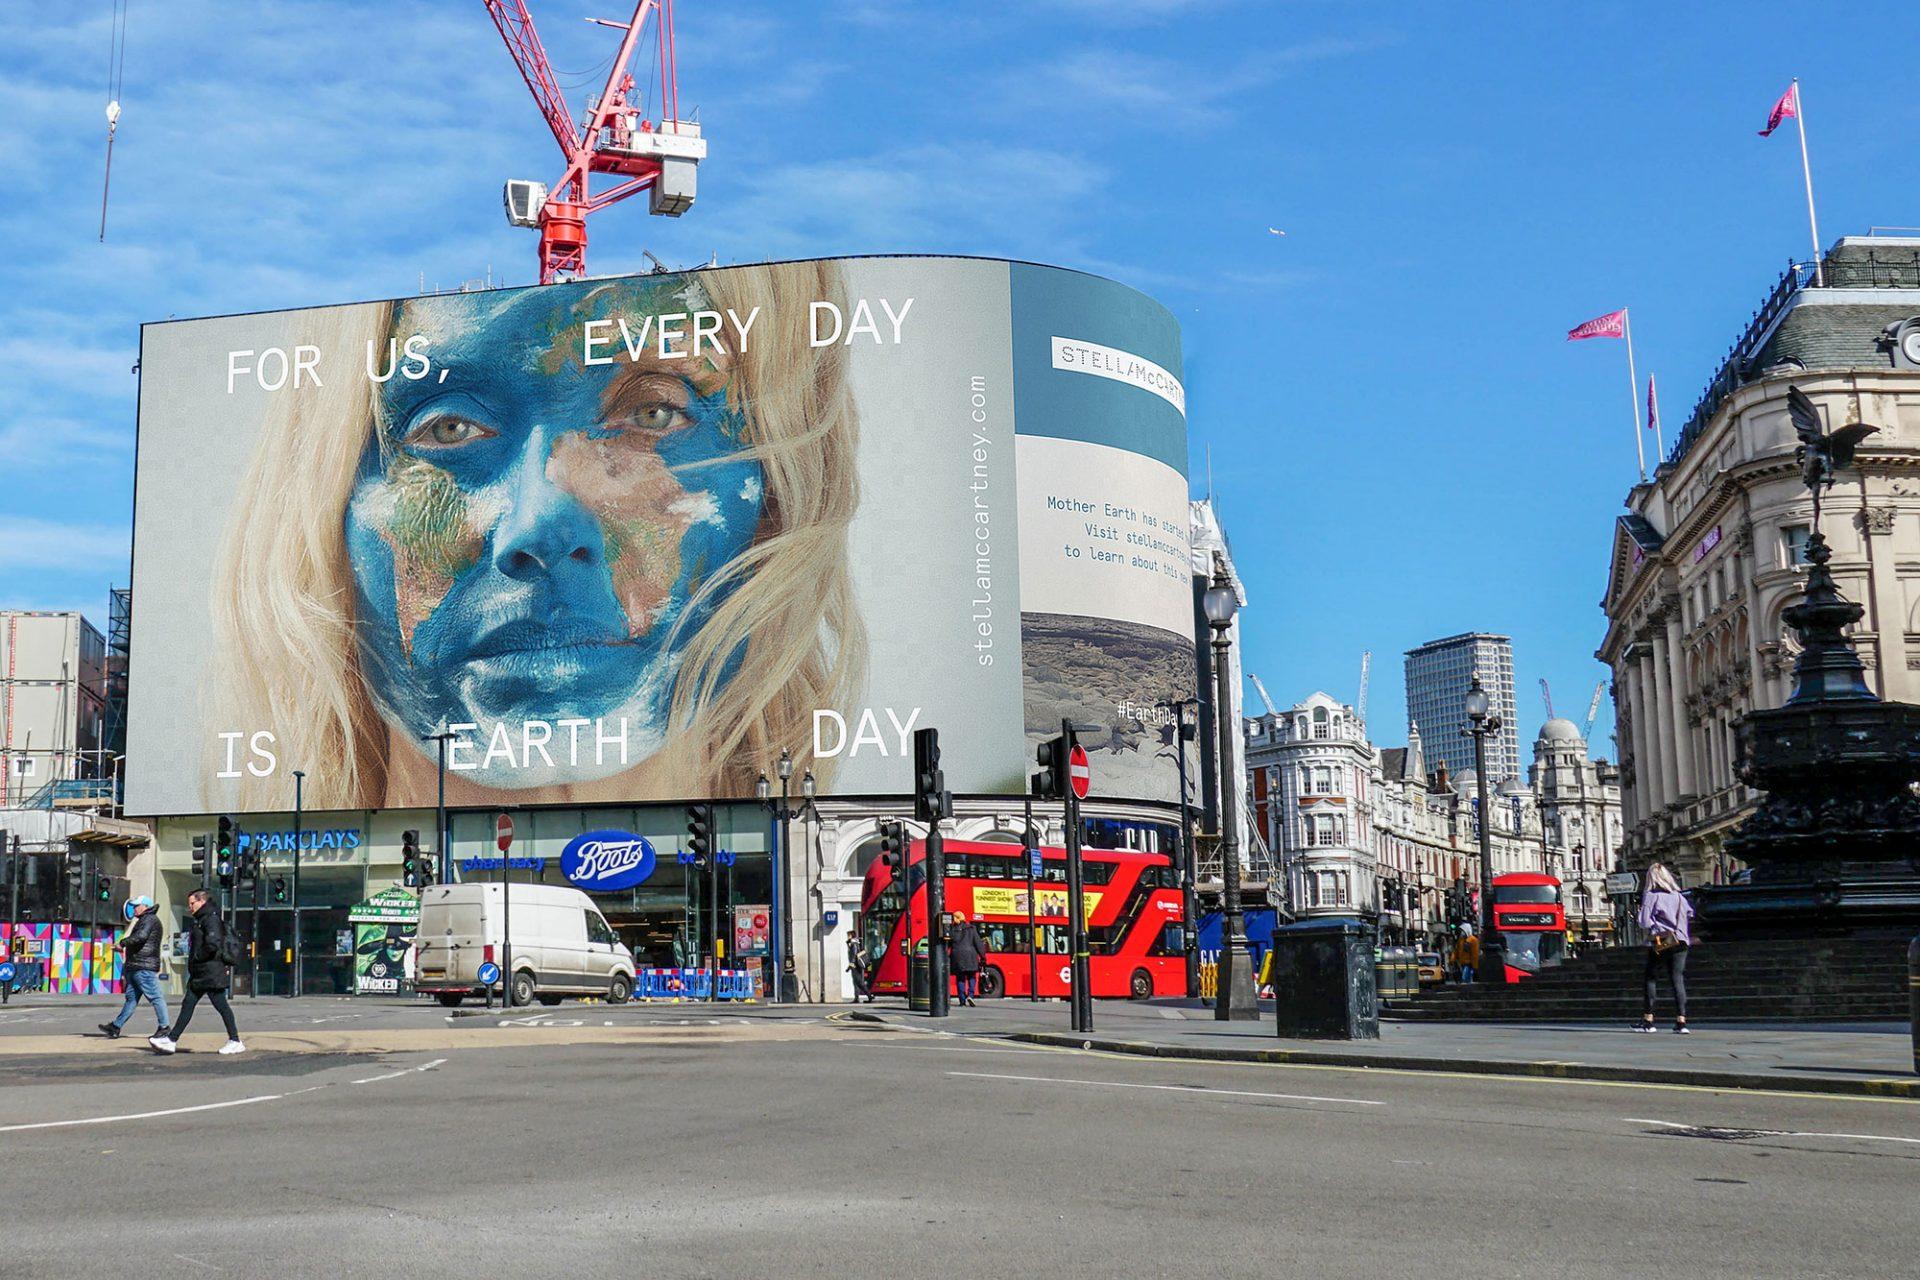 アースデイの誕生50周年を祝い、4月21日から26日まで、ロンドンのピカデリー サーカスのスクリーンがステラ マッカートニーによってテイクオーバーされている。